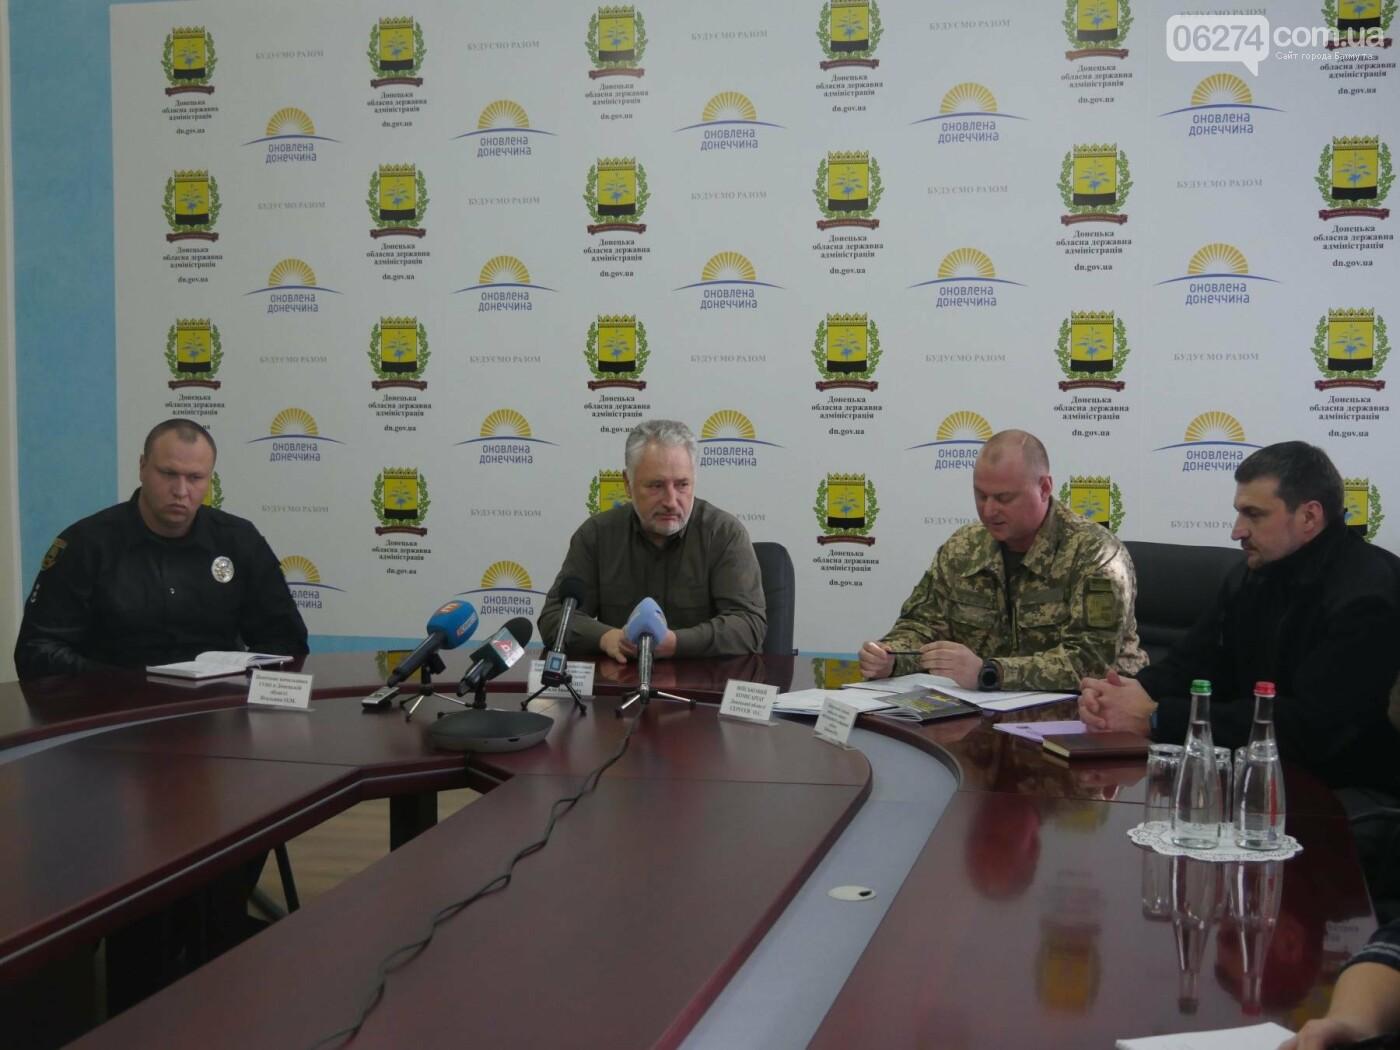 В Донецкой ОГА рассказали об осенней призывной кампании и строительстве Сечи в Бахмутском районе, фото-1